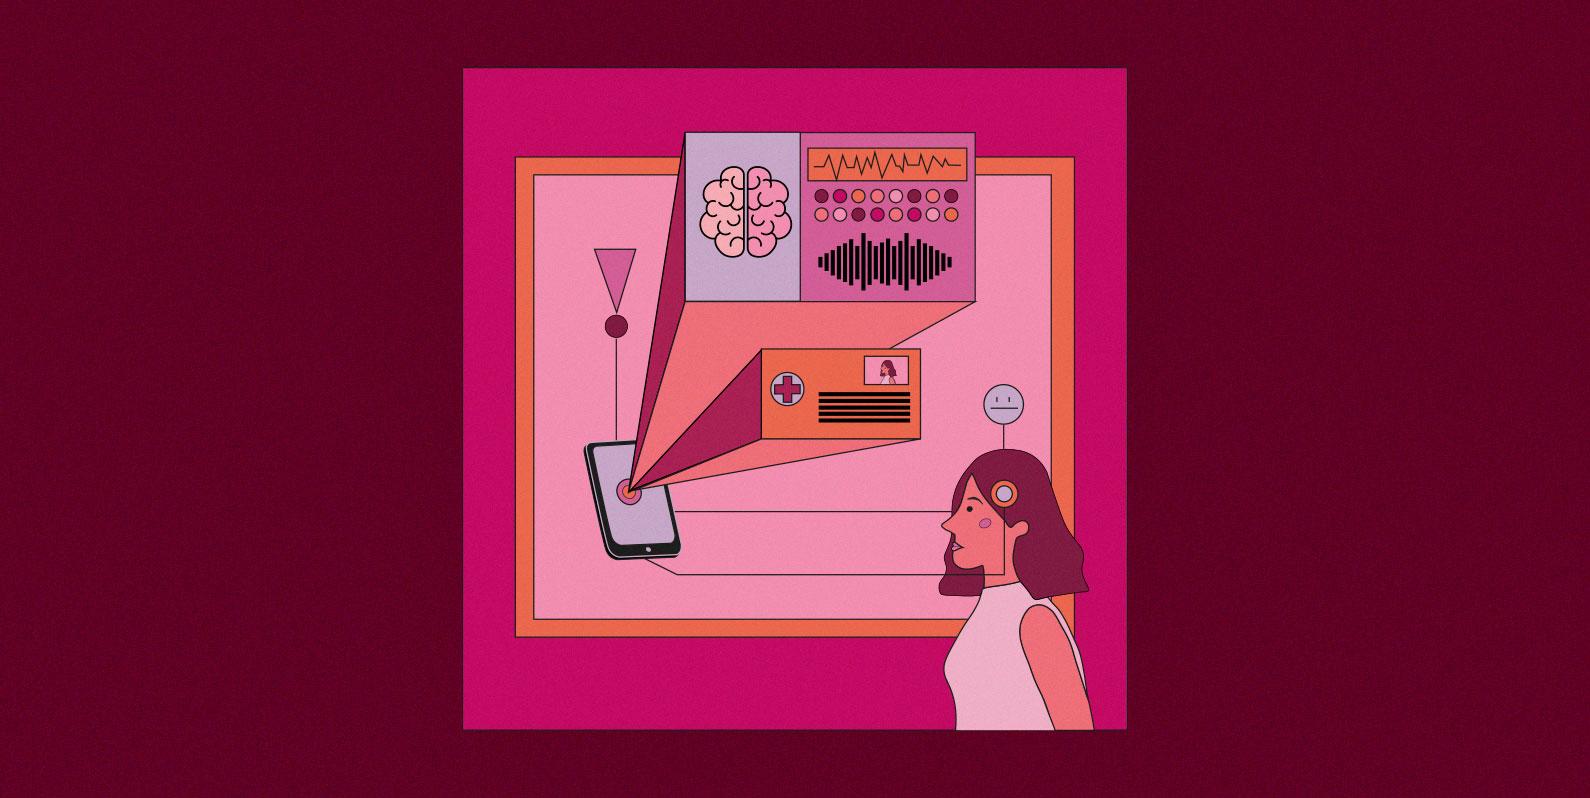 A tecnologia no diagnóstico de doenças mentais